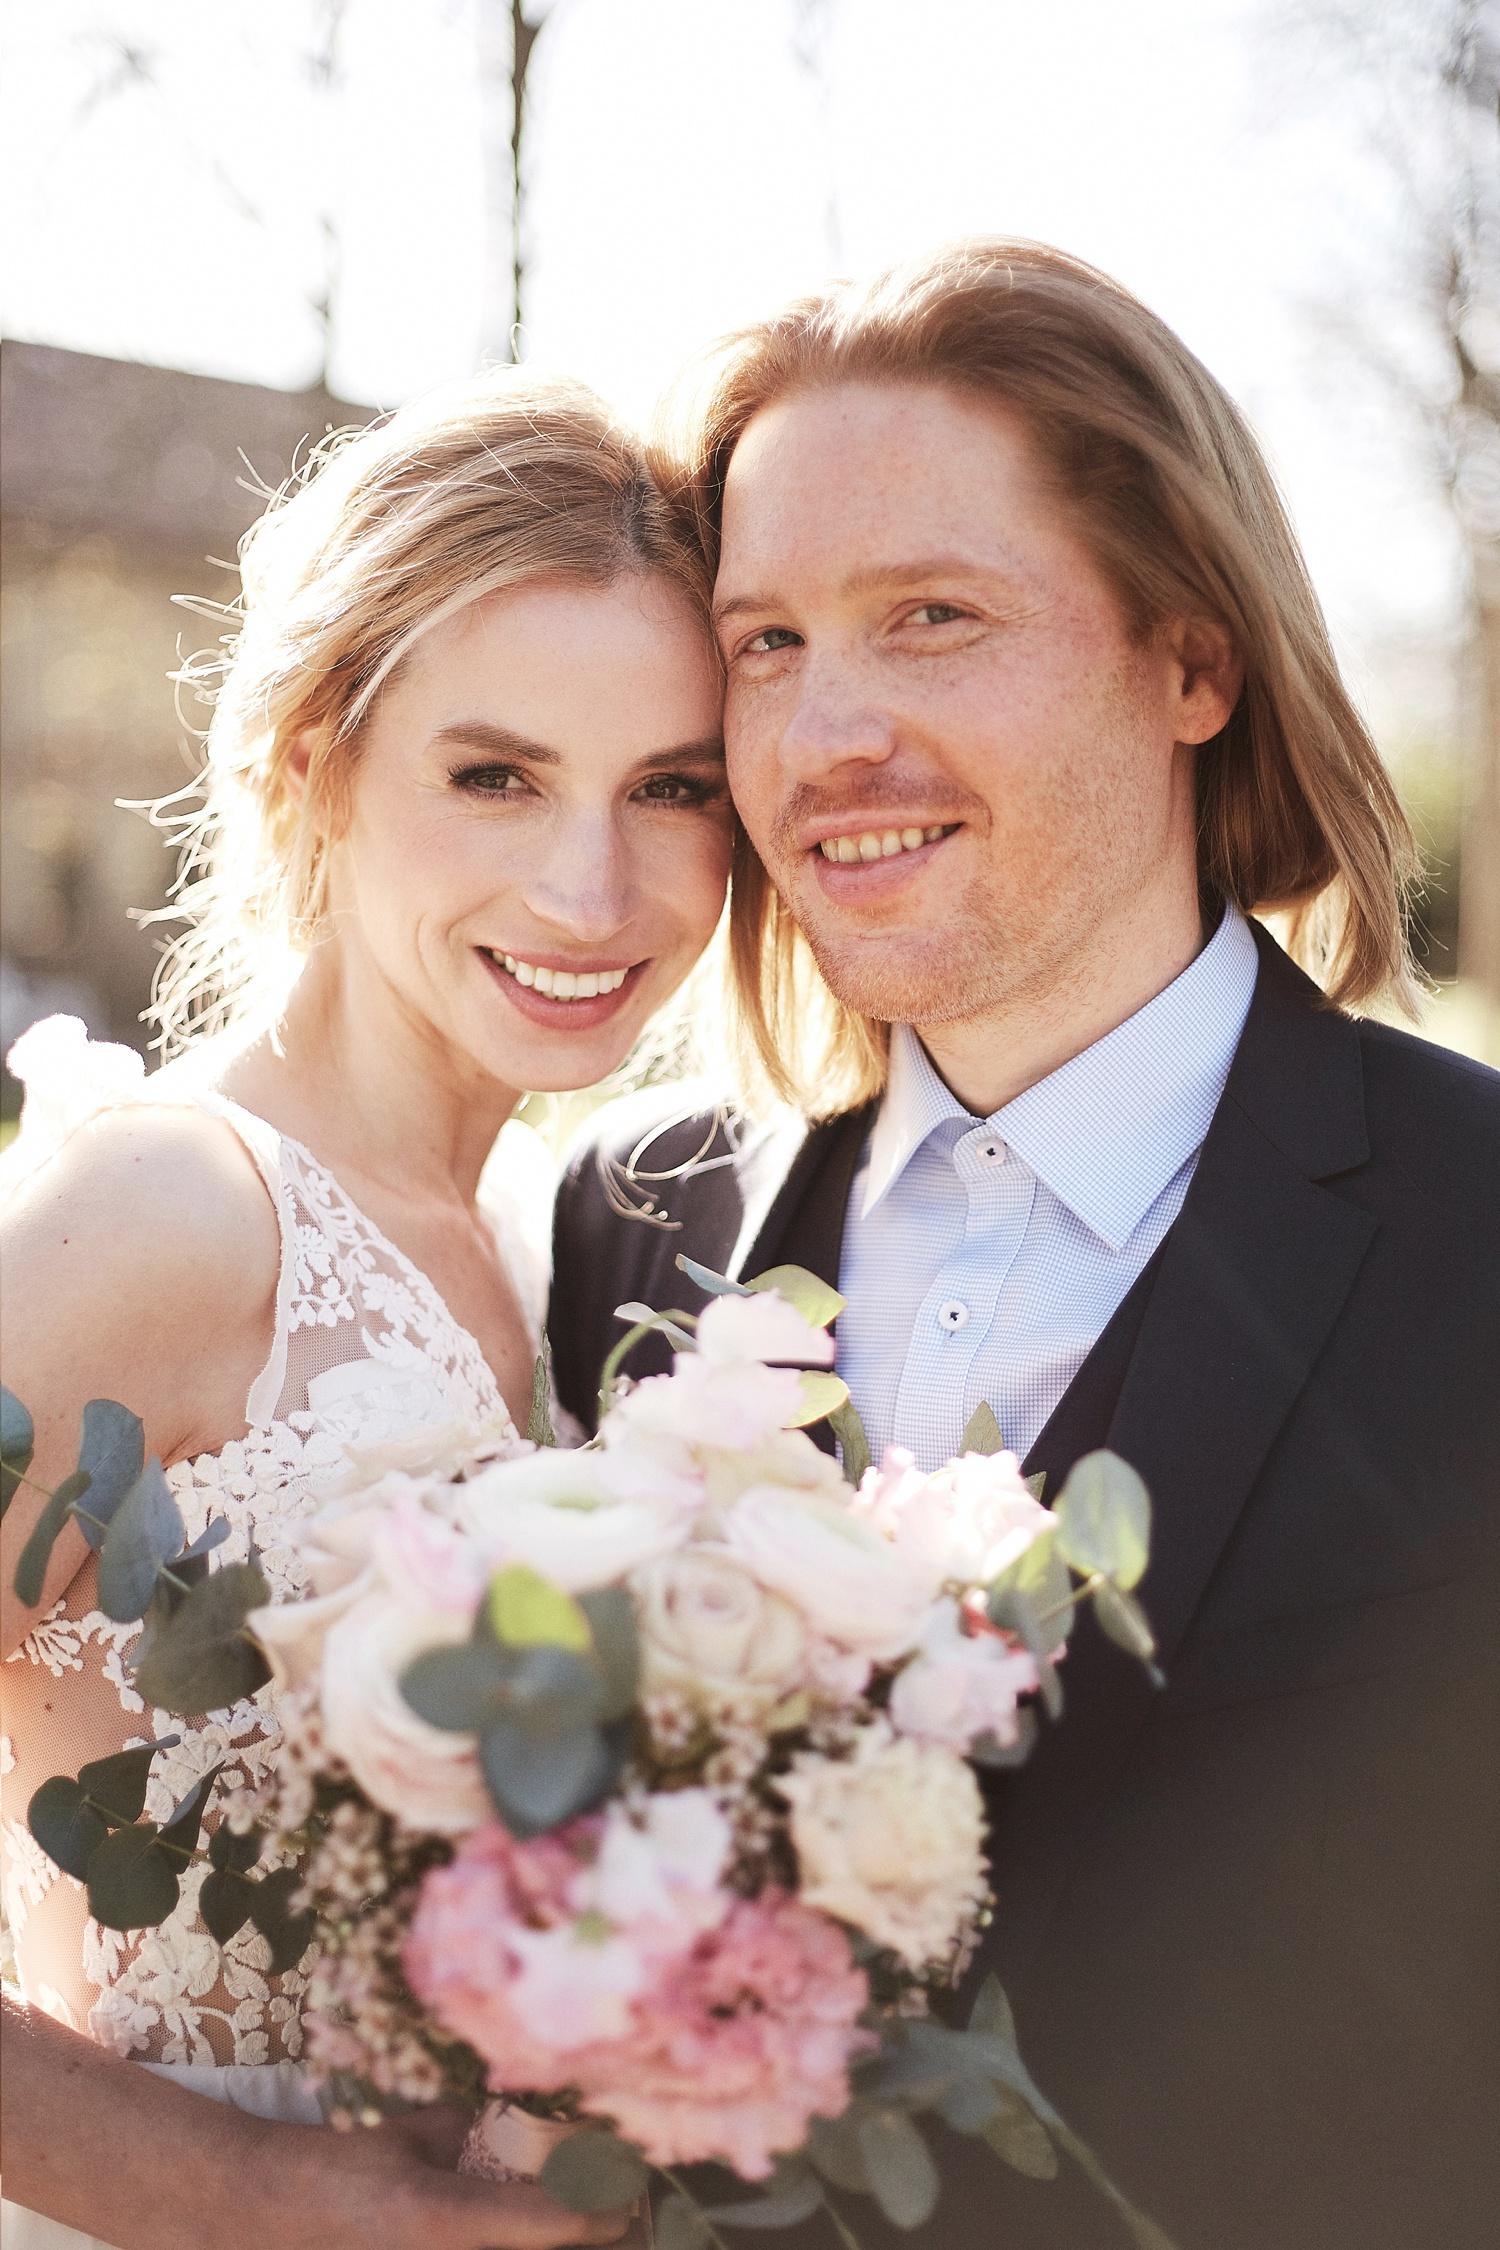 Stefanie Lange Hochzeitsfotograf: romantisches Hochzeitshooting im Gutshof Schloss Britz Berlin 2018